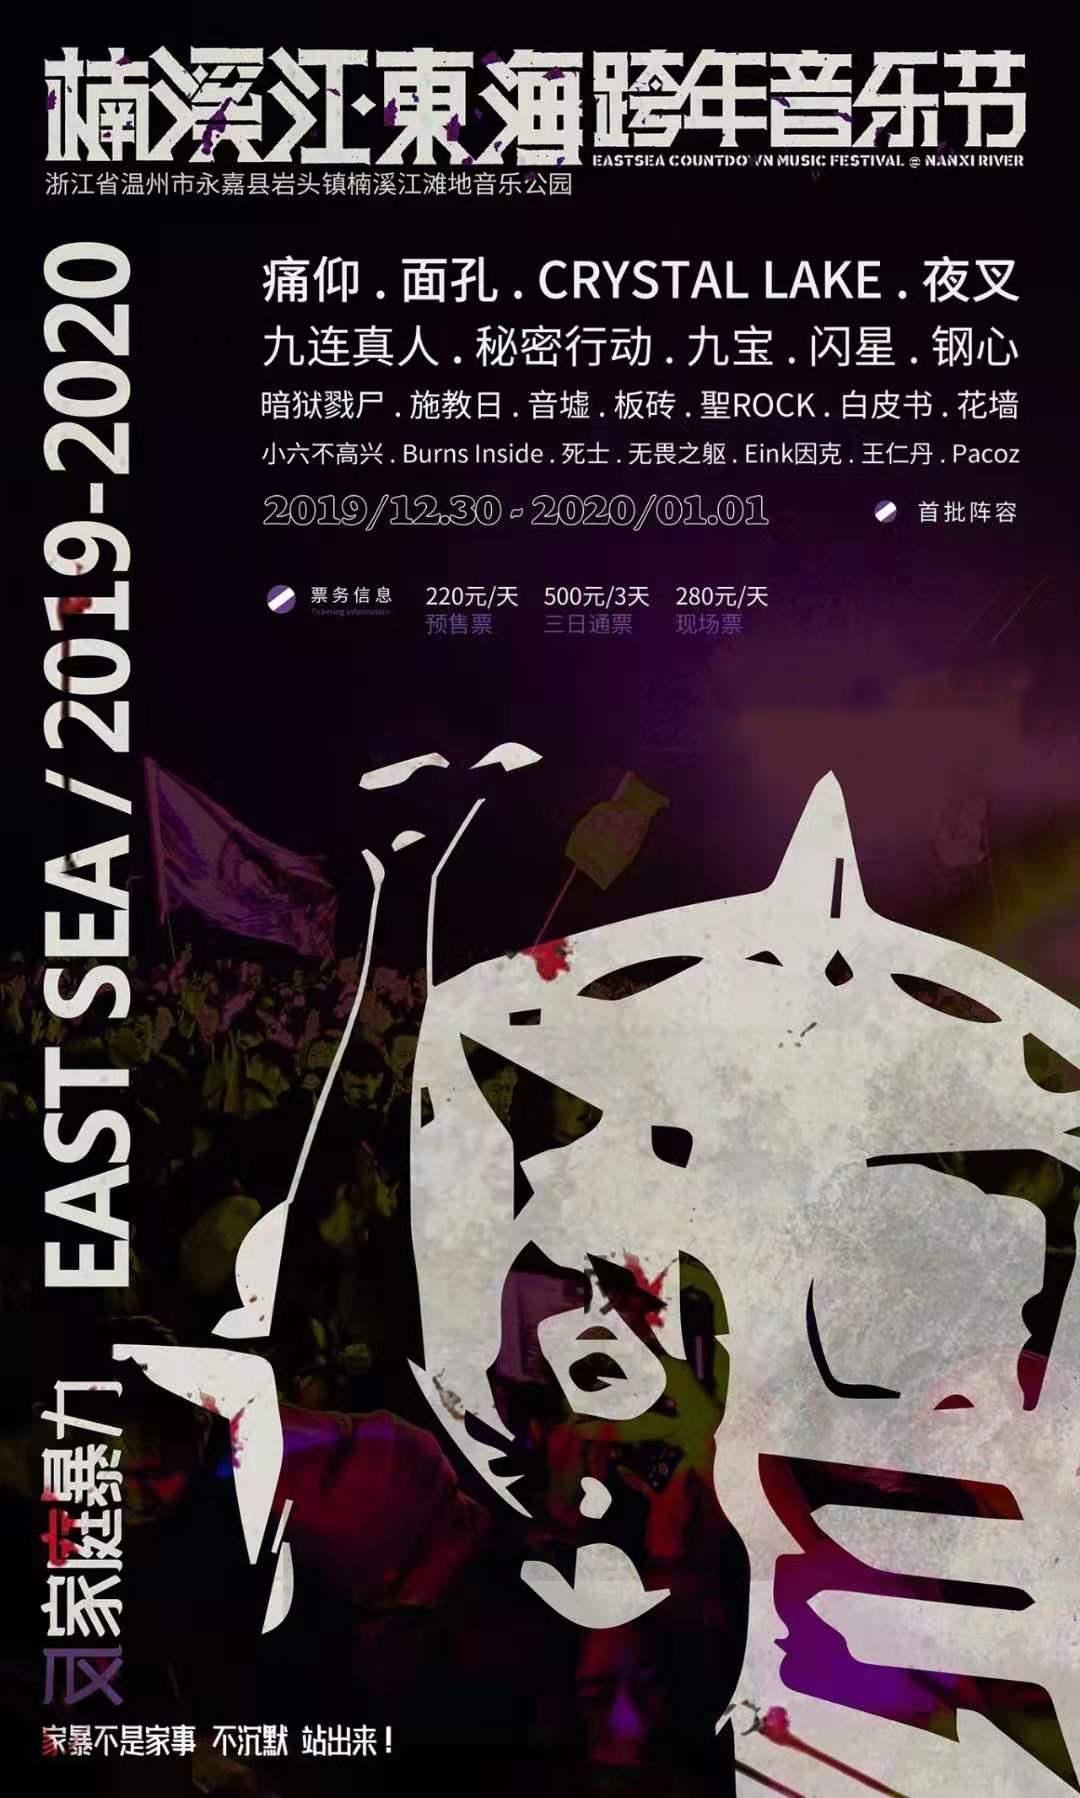 温州楠溪江跨年音乐节